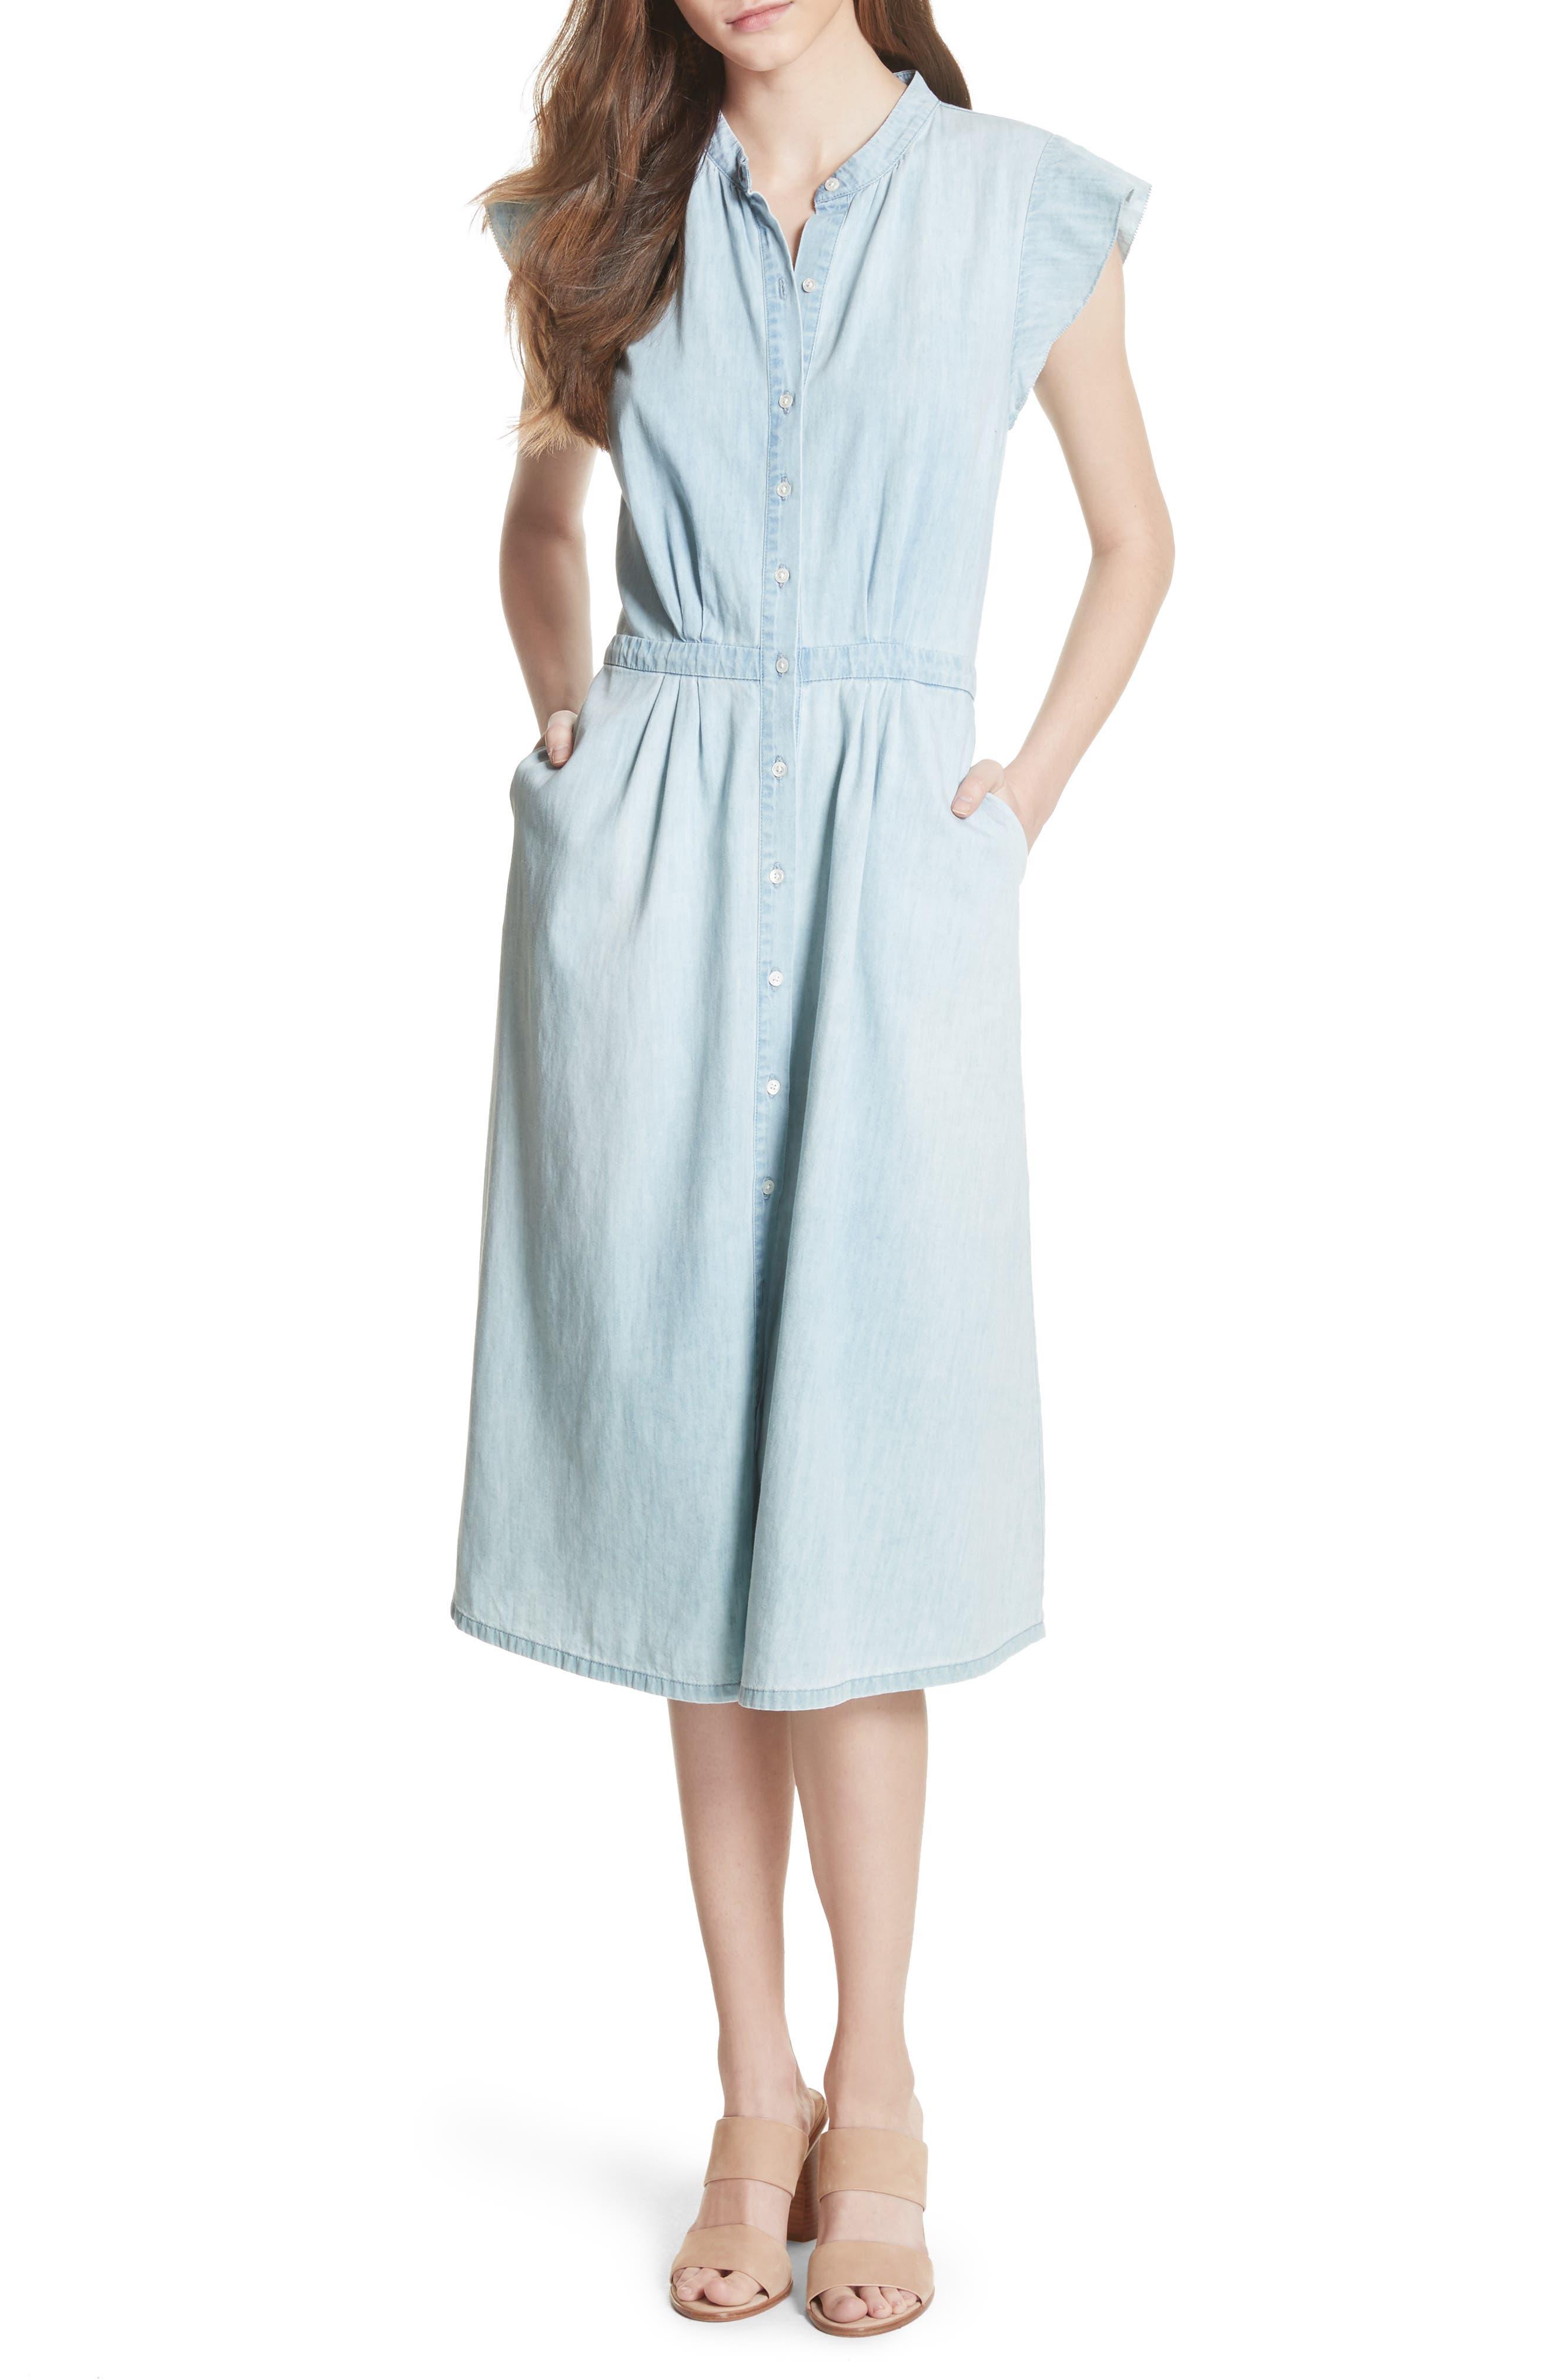 Awel Ruffle Chambray Shirtdress,                             Main thumbnail 1, color,